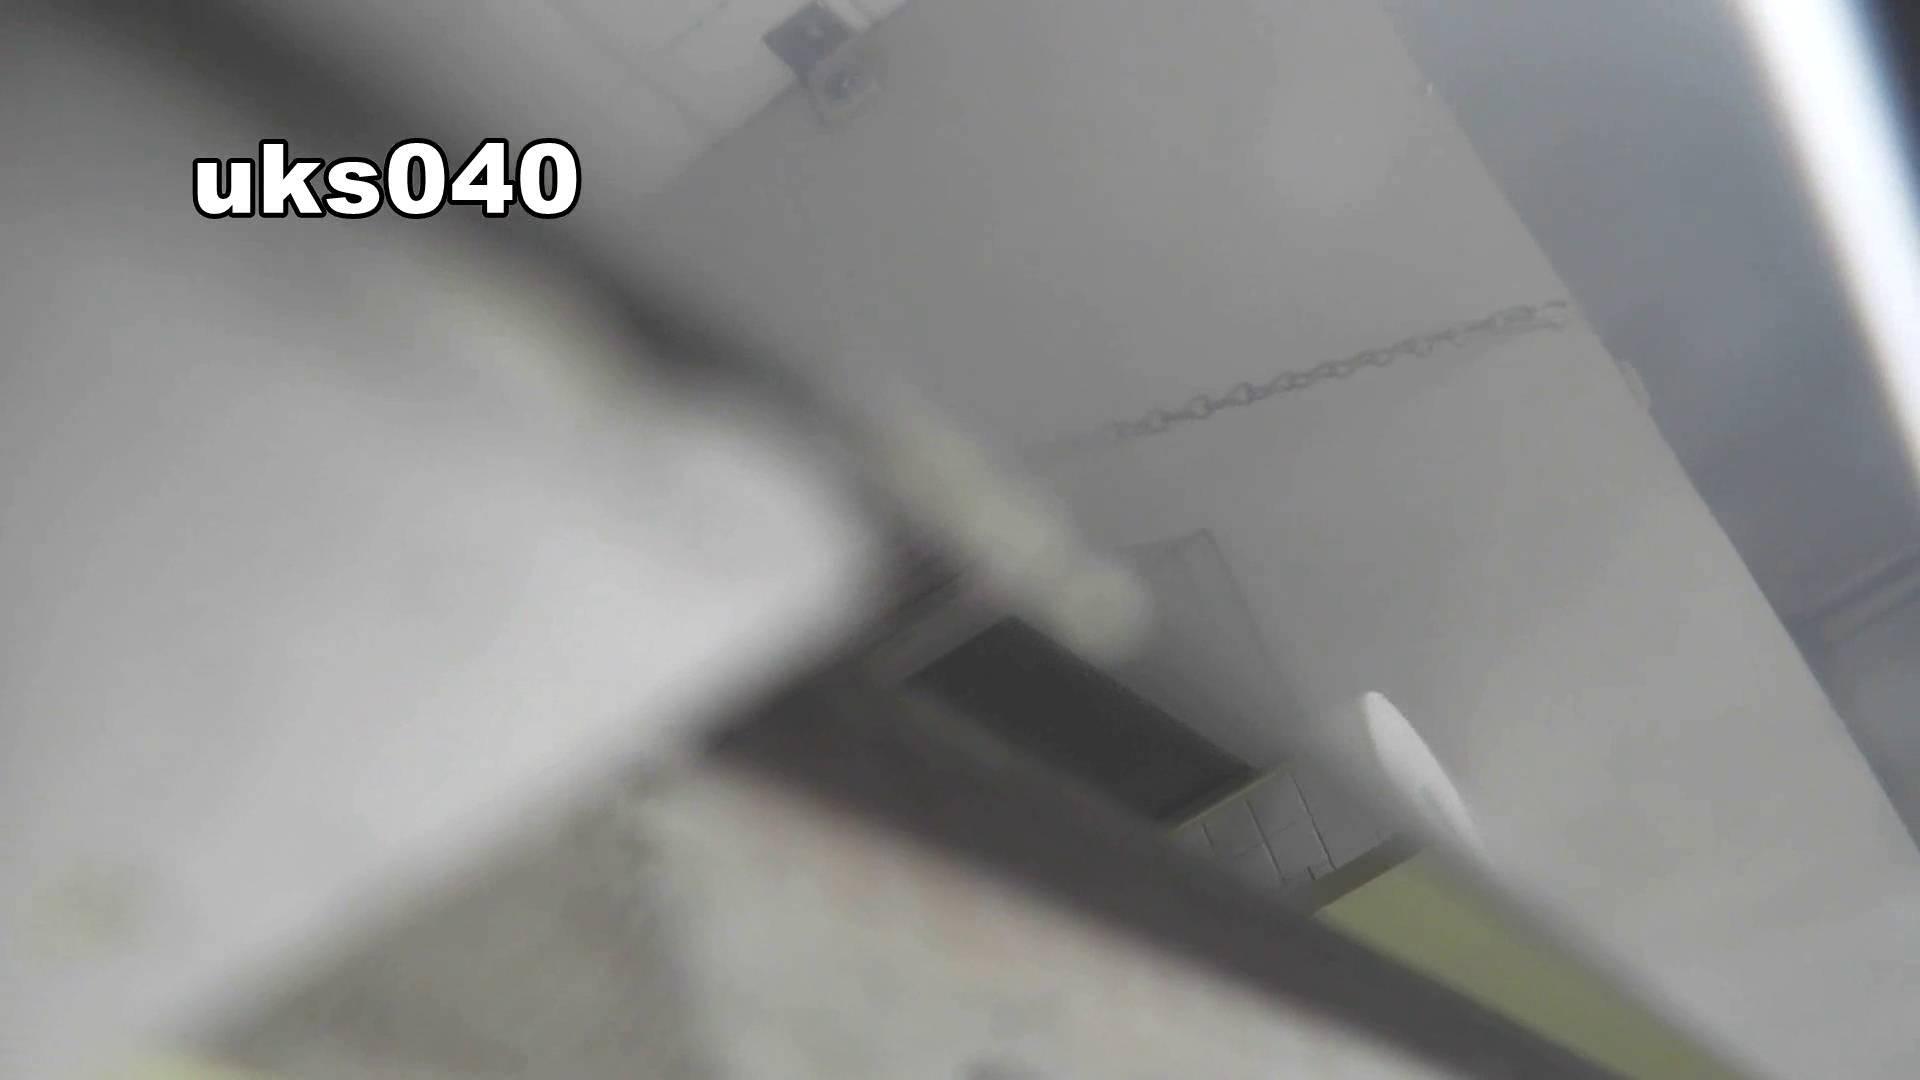 【美しき個室な世界】 vol.040 出て行かれる時の清楚姿撮り 高評価 濡れ場動画紹介 75画像 56